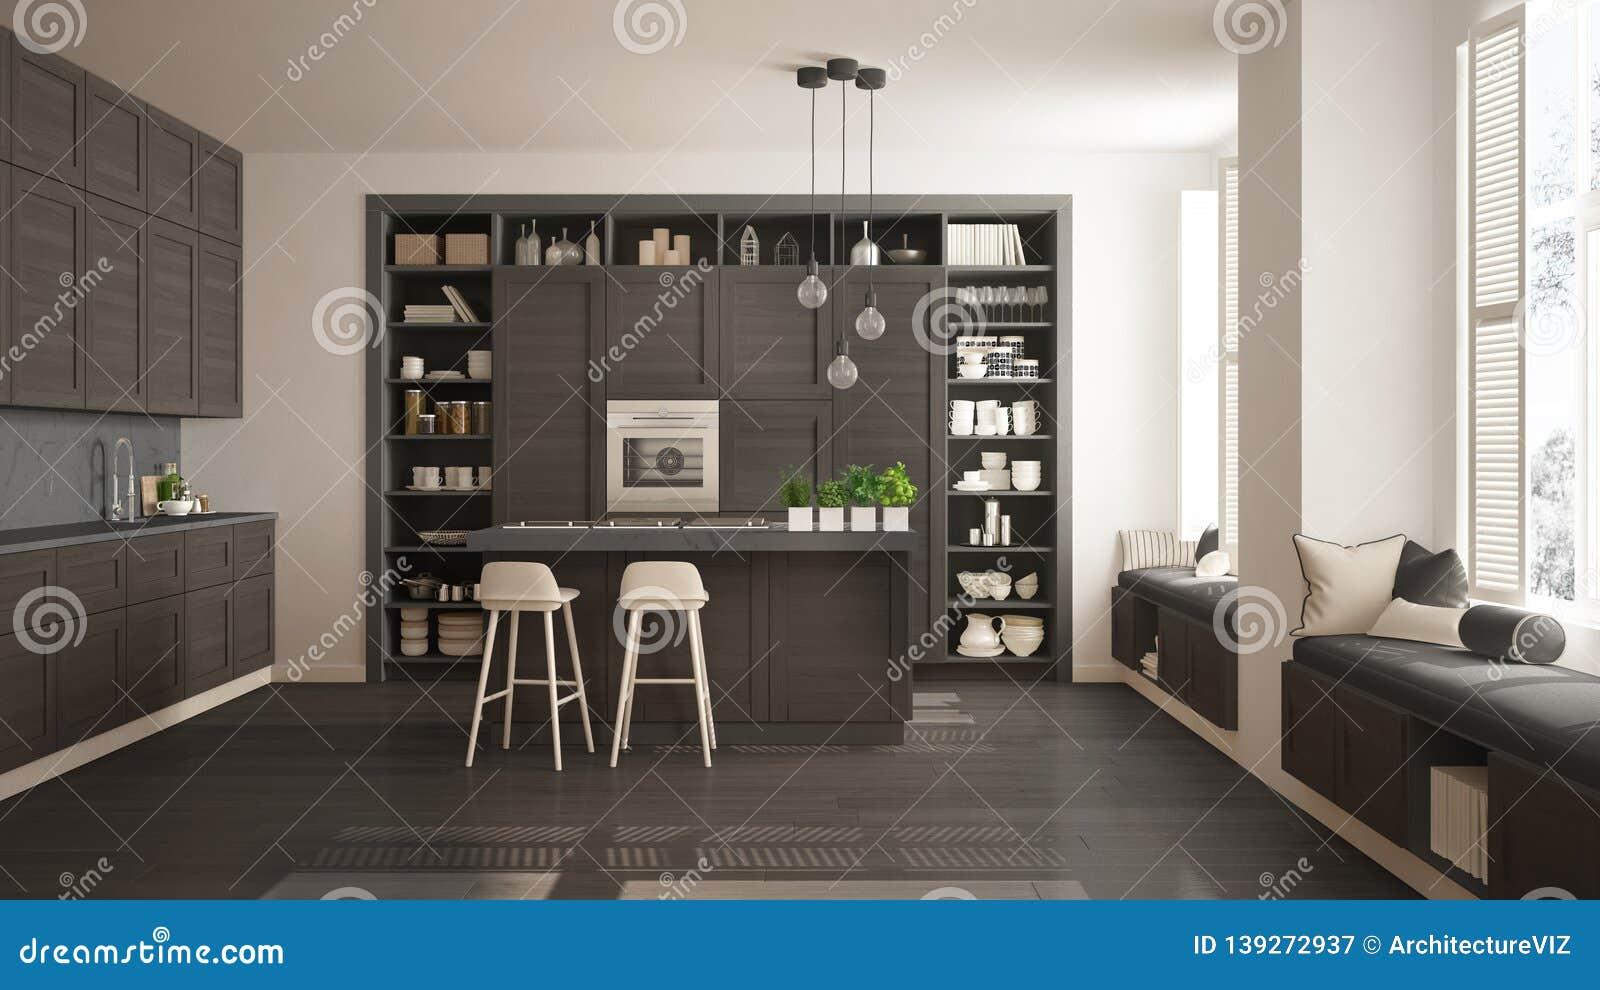 Modern Gray Kitchen With Dark Wooden Details In Contemporary Luxury